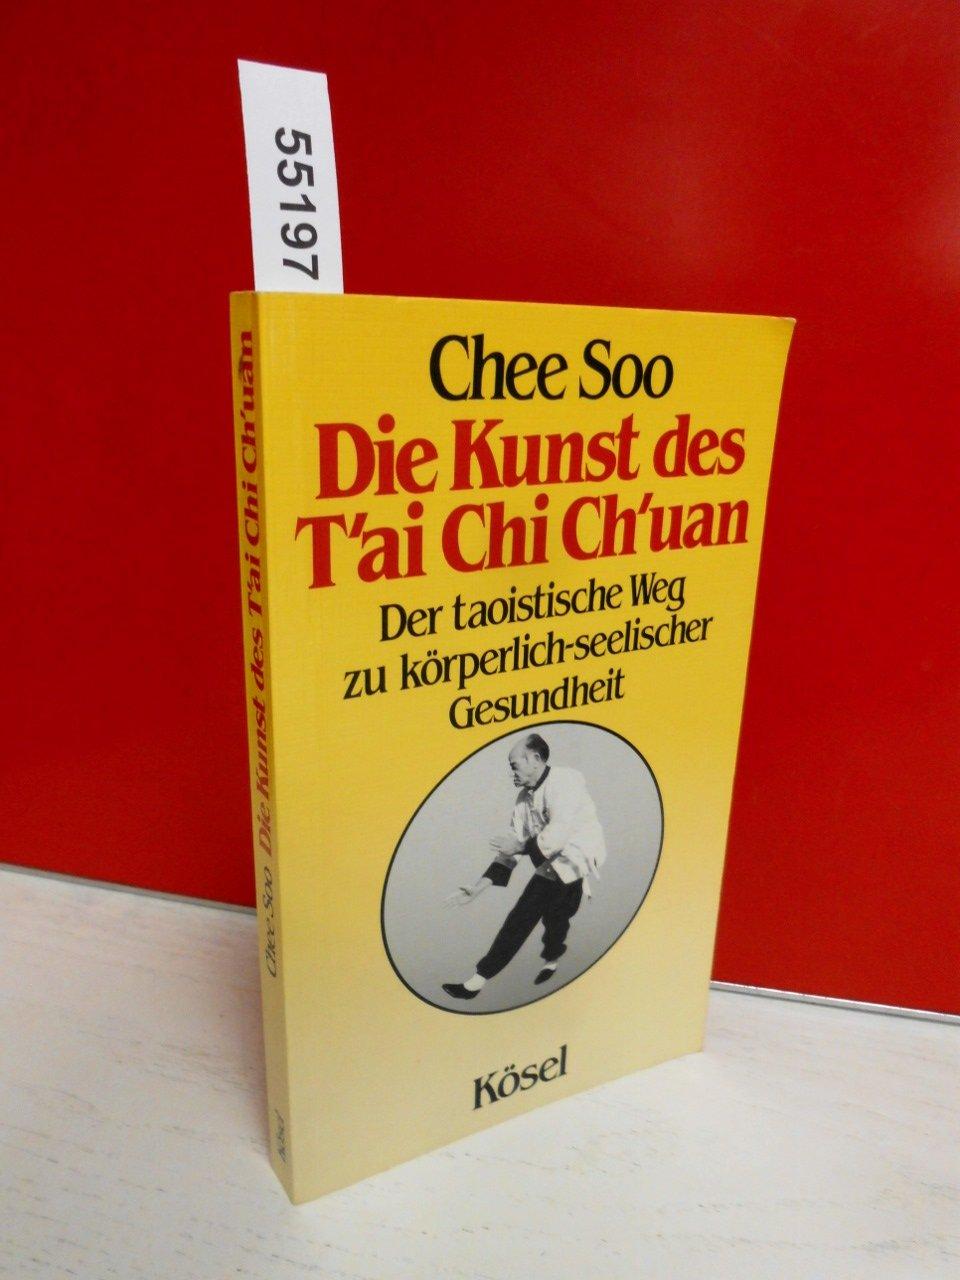 Die Kunst des Tai Chi Chuan. Der taoistische Weg zu körperlich-seelischer Gesundheit